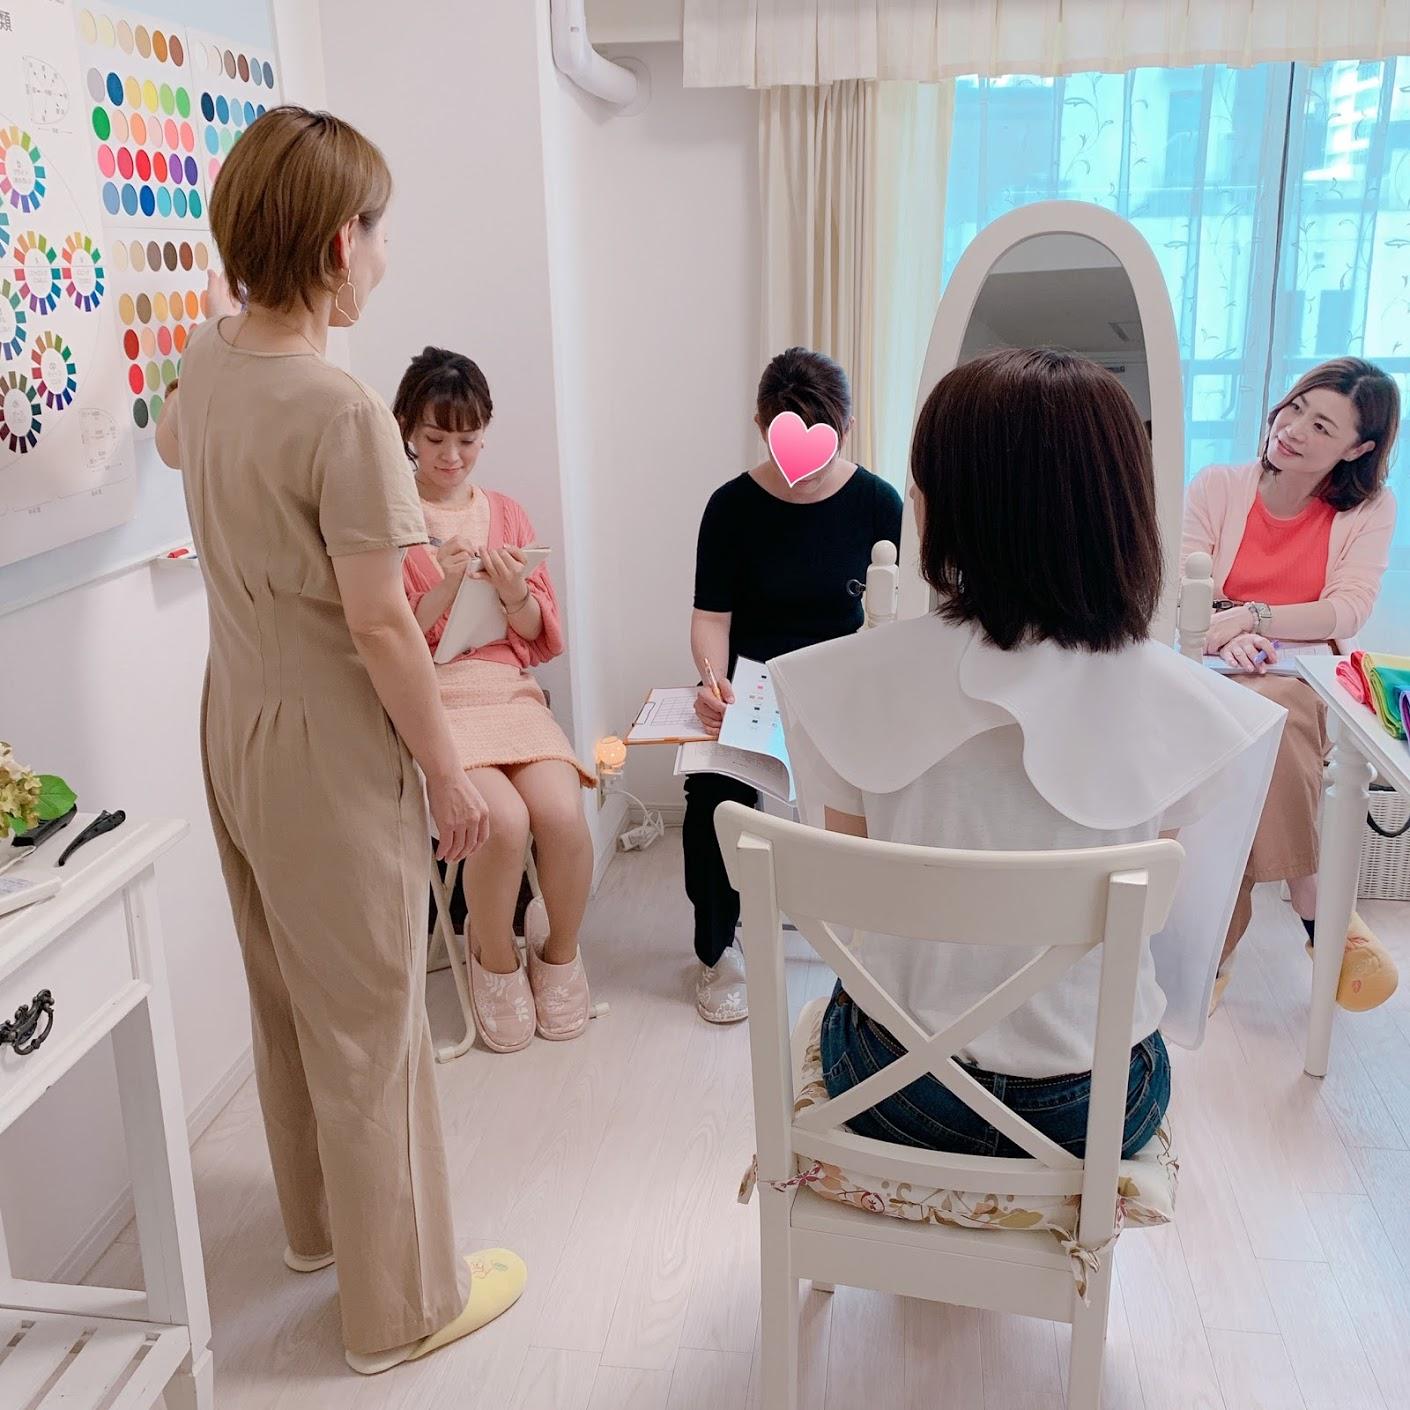 東京青山のパーソナルカラースクール、パーソナルカラーアナリスト養成講座ならサロン・ド・ルミエール